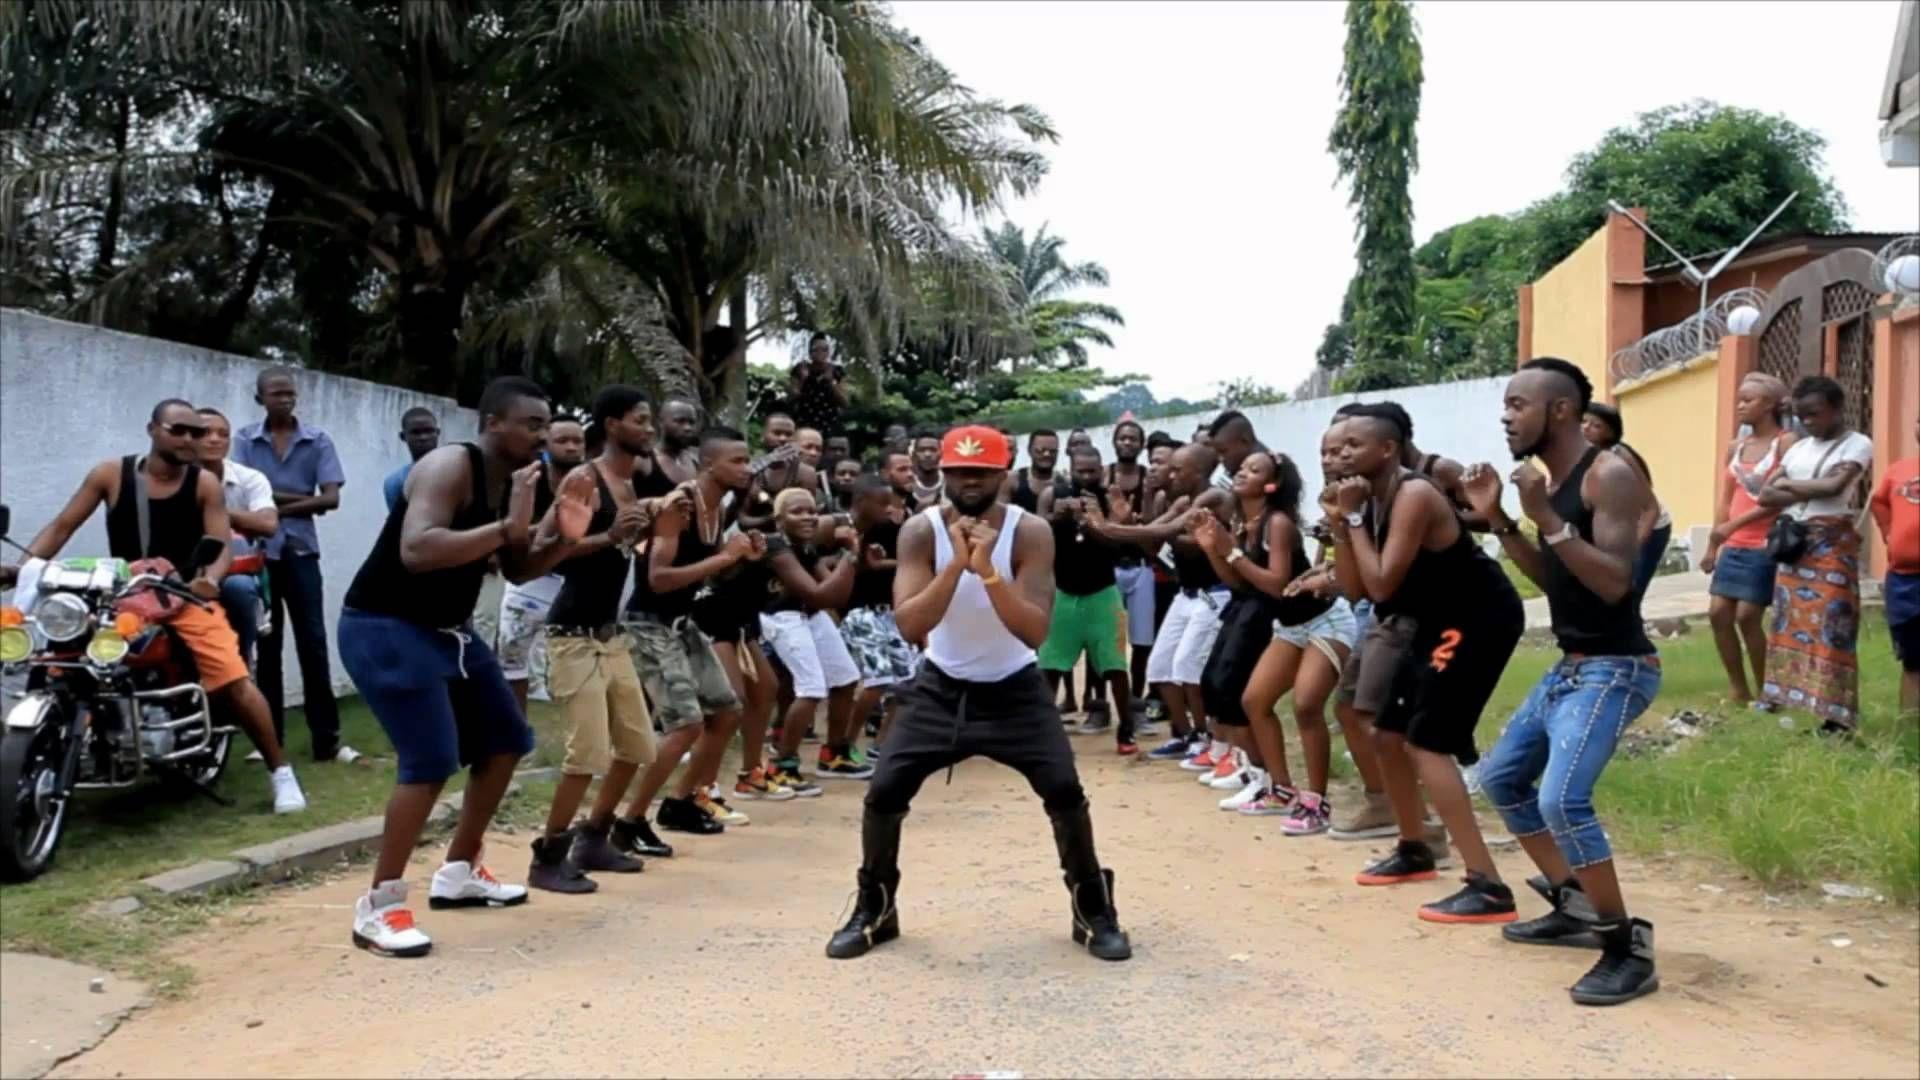 Épinglé sur African music